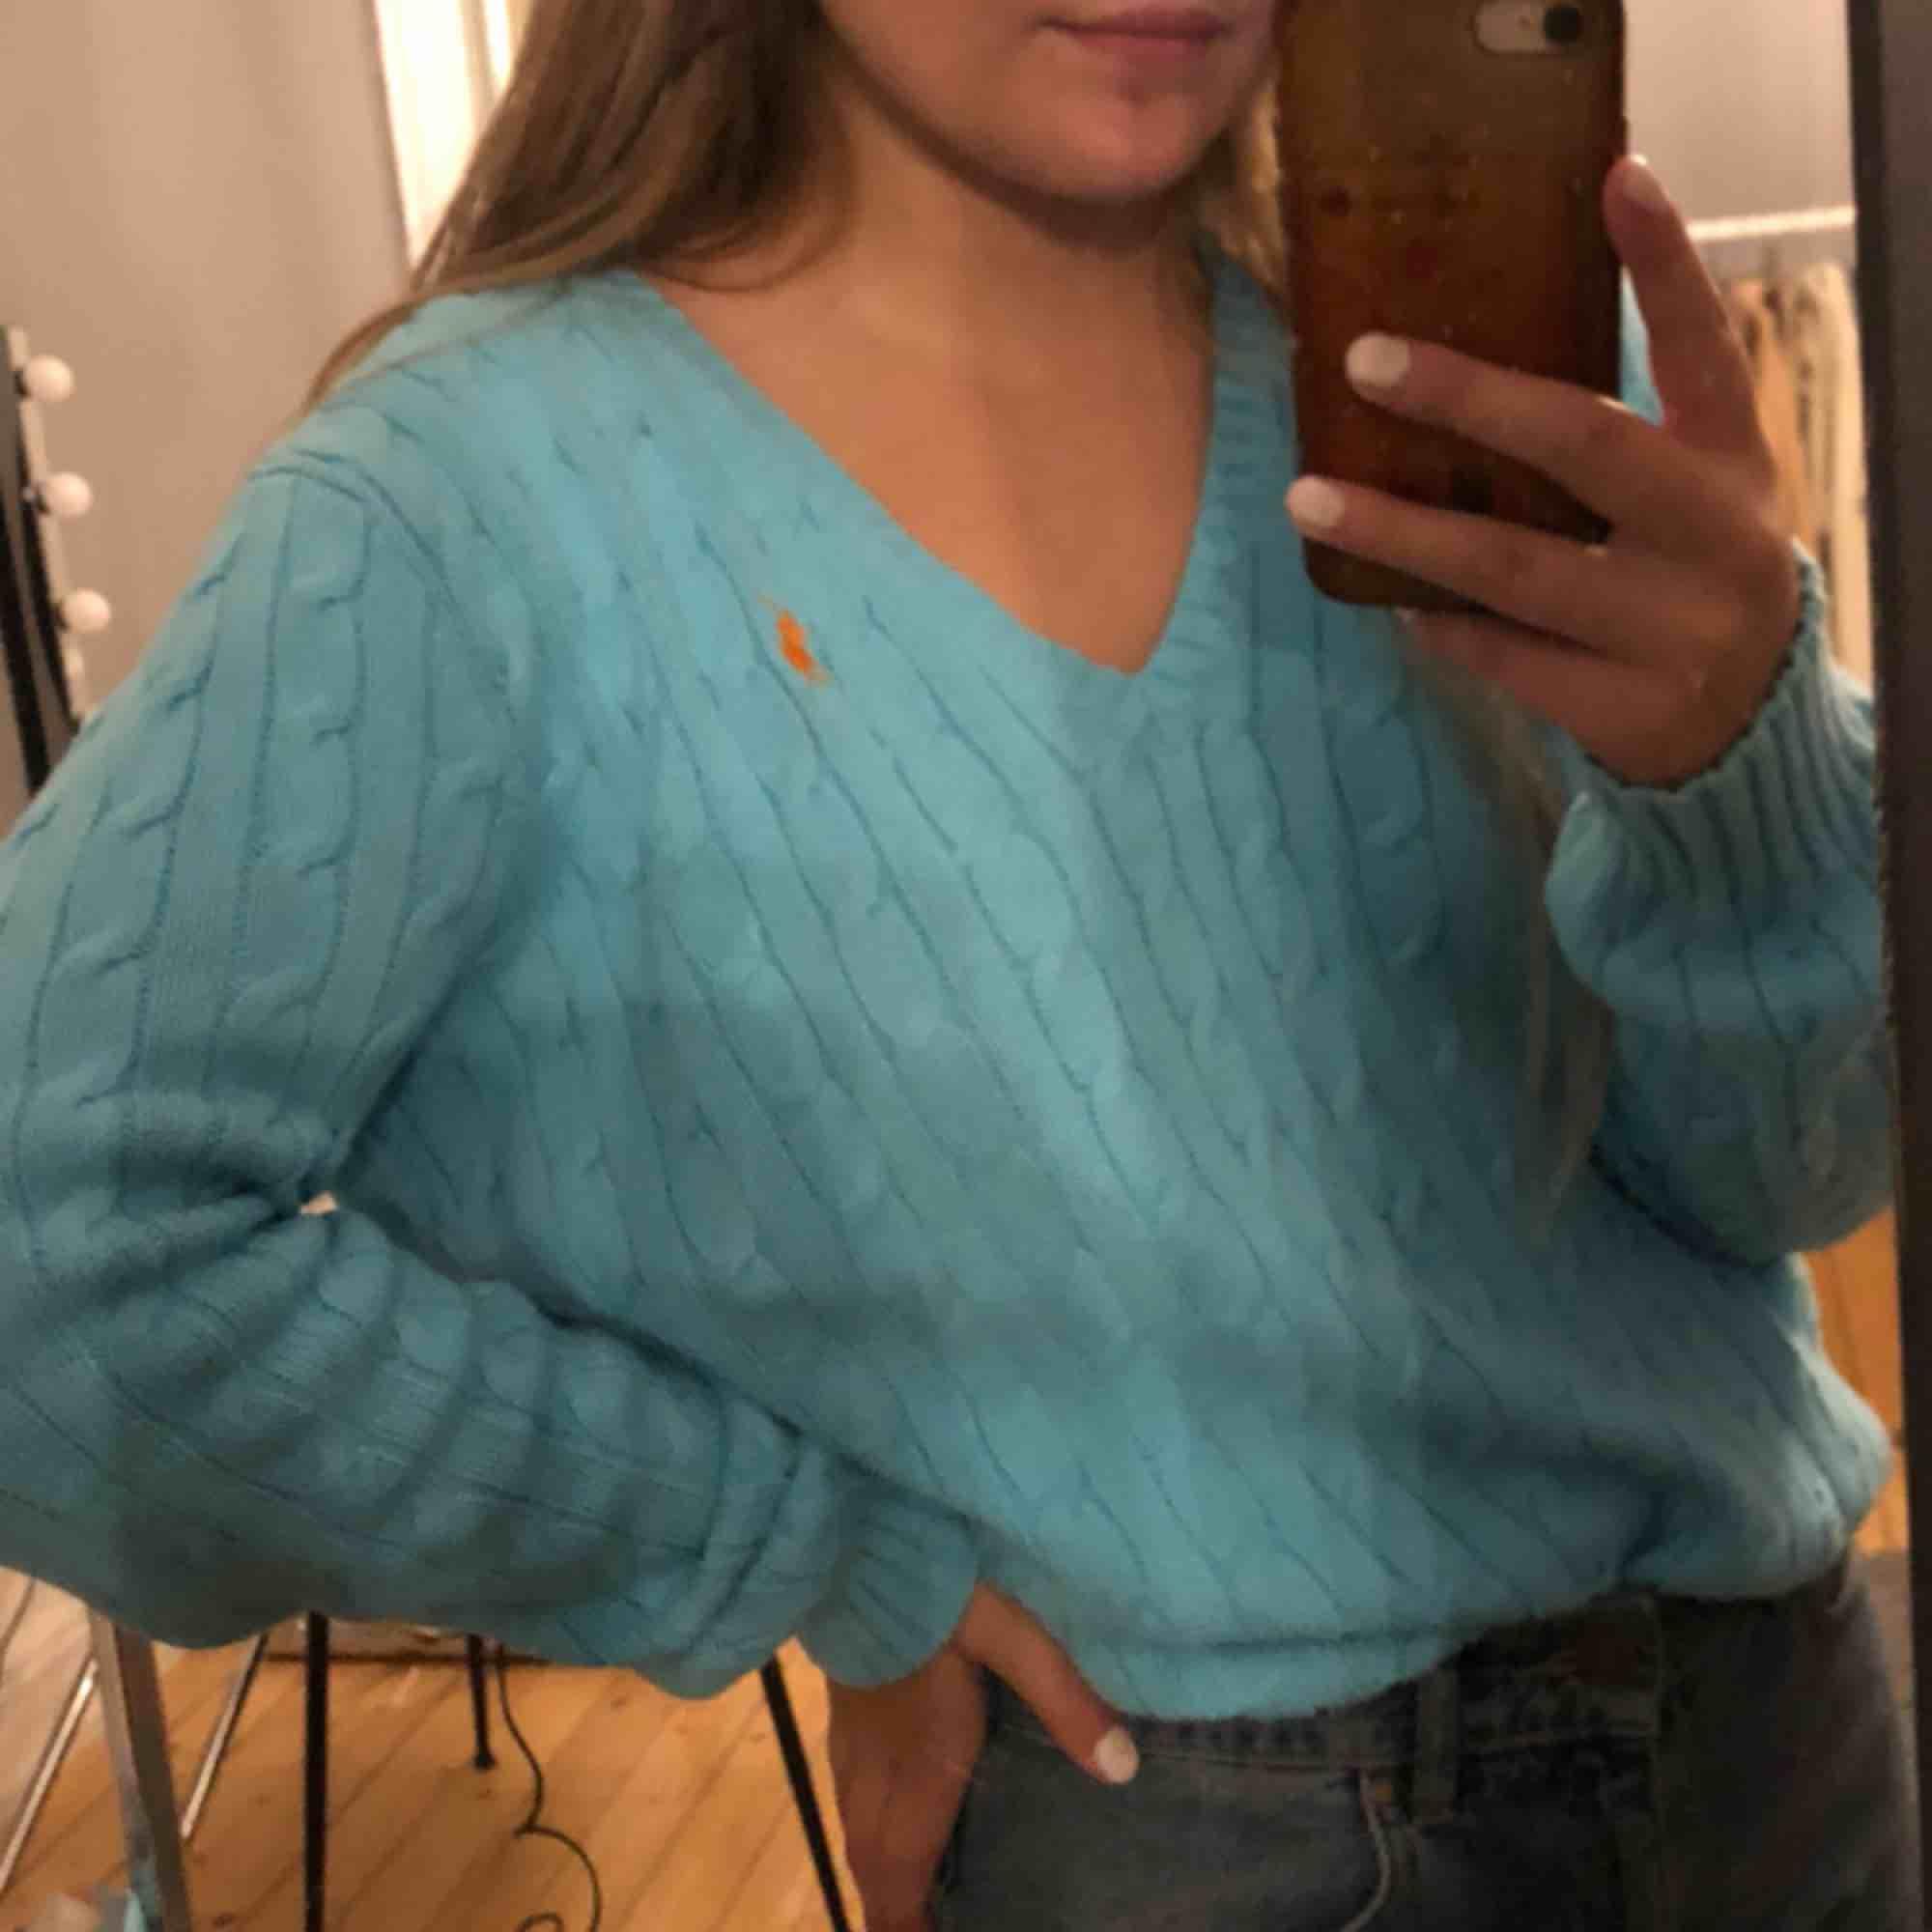 En blå kabelstickad ljusblå ralph lauren tröja med ett oranget märke💕. Stickat.